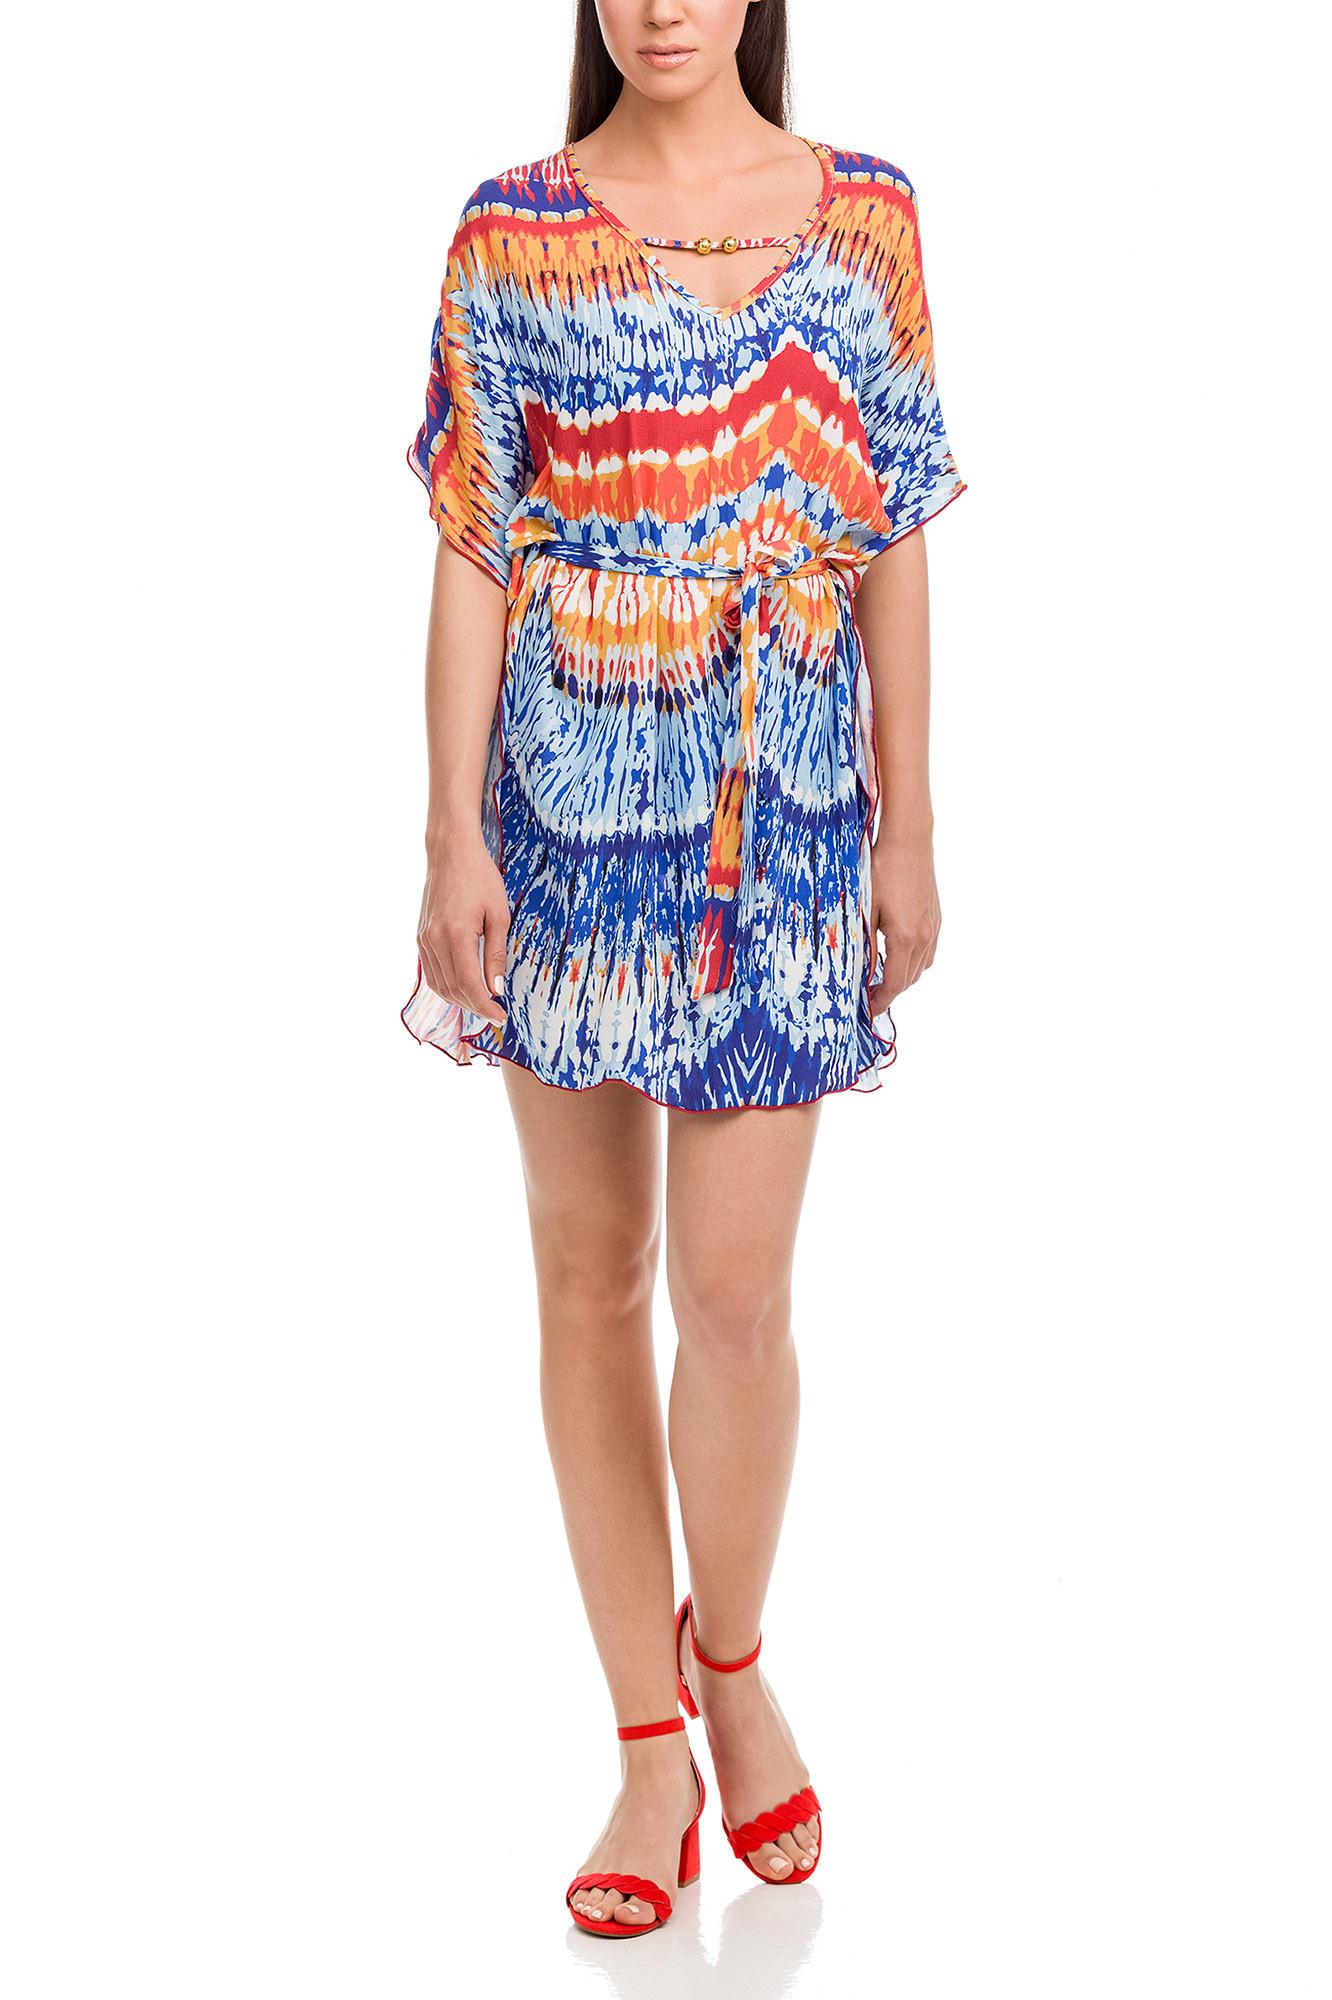 Vamp - Dámske šaty 12540 - Vamp blue palace l